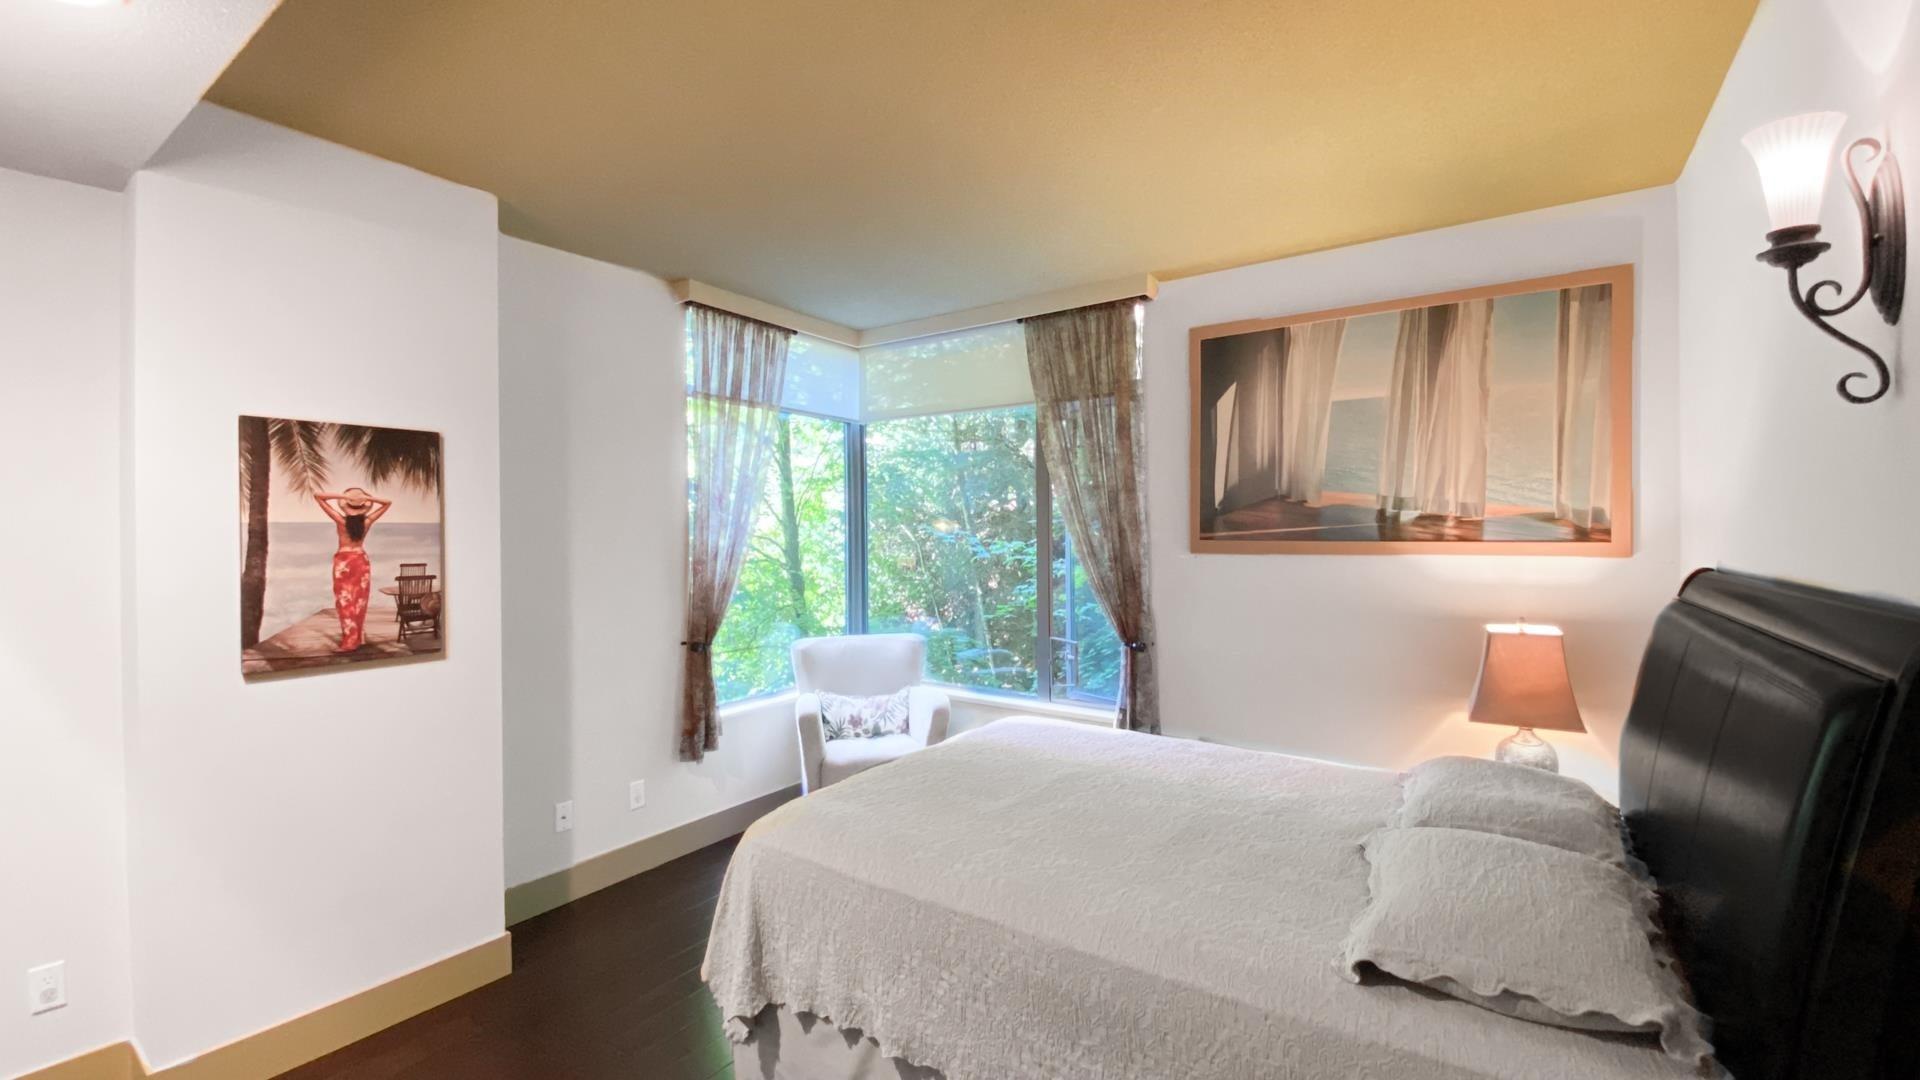 301 3131 DEER RIDGE DRIVE - Deer Ridge WV Apartment/Condo for sale, 2 Bedrooms (R2615692) - #21